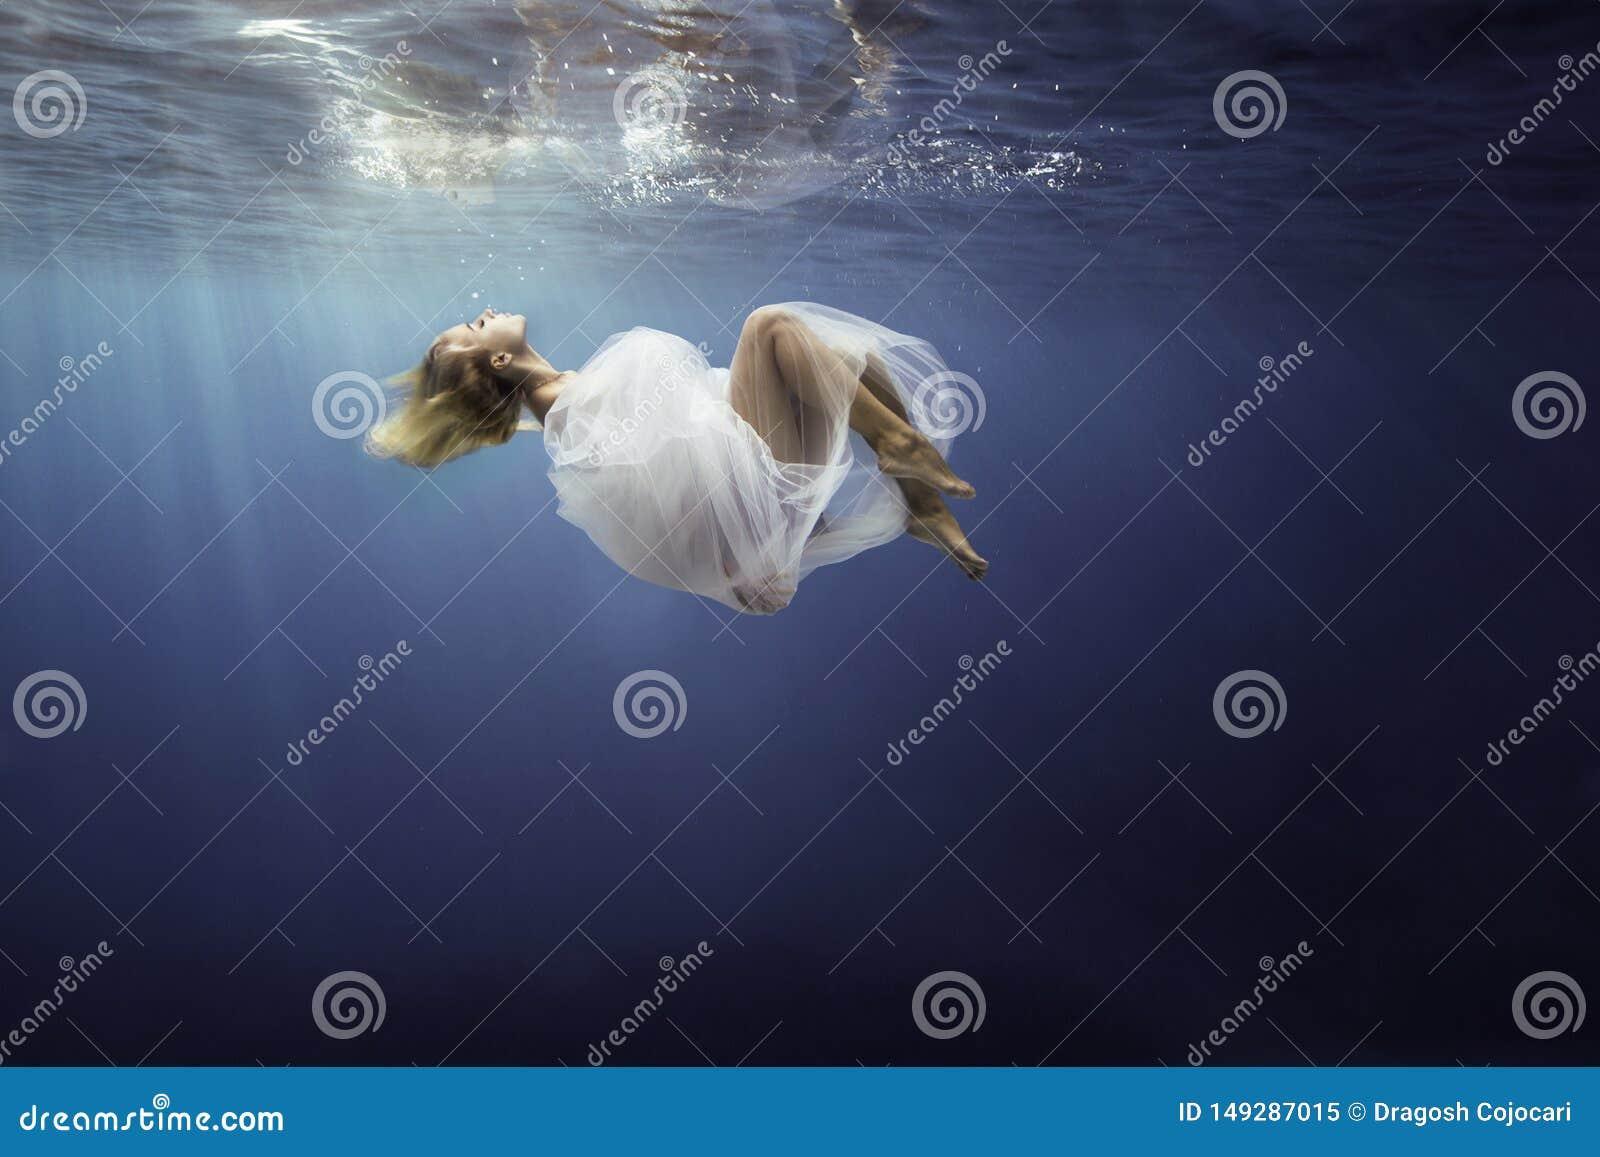 La fille blonde a envelopp? in fine le tissu blanc, a coul? dans l eau profonde bleue de l oc?an, sur le fond fonc? de mer